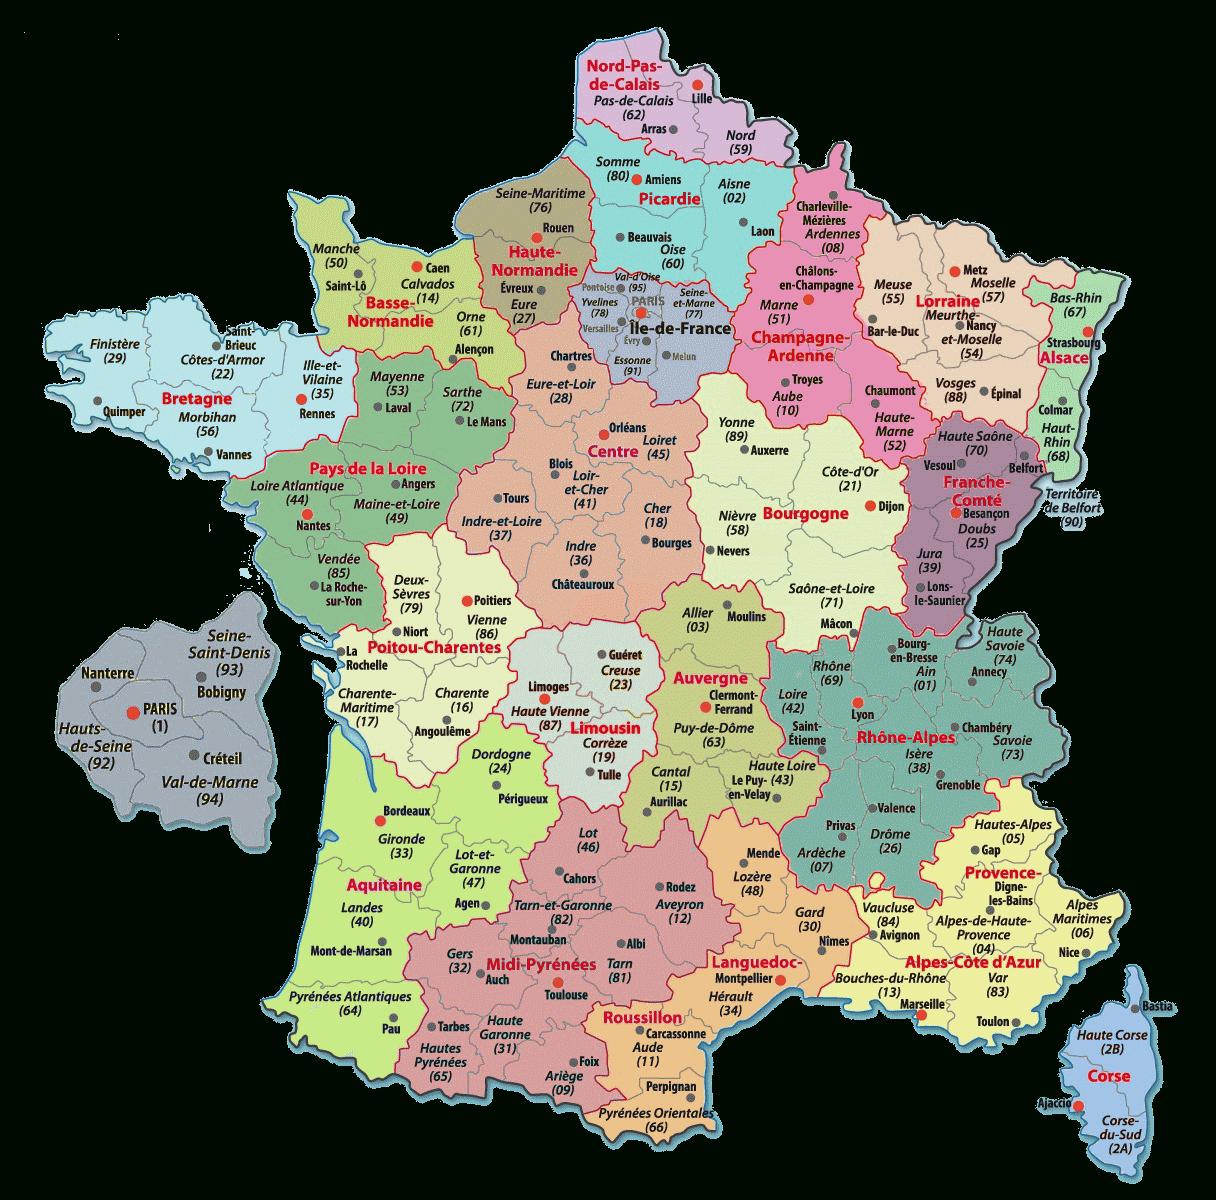 Carte De France Departements : Carte Des Départements De France à Carte Des Régions De France À Imprimer